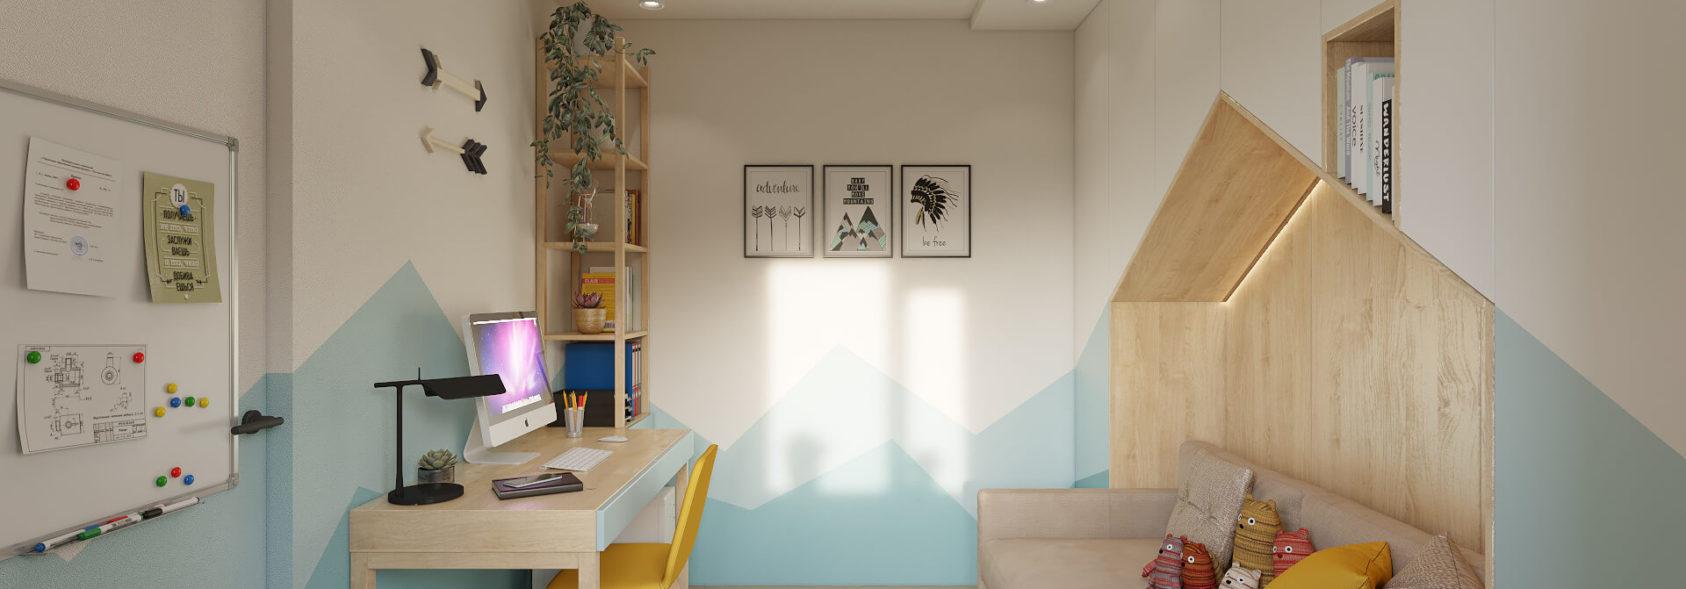 Дизайн проект квартиры с детской